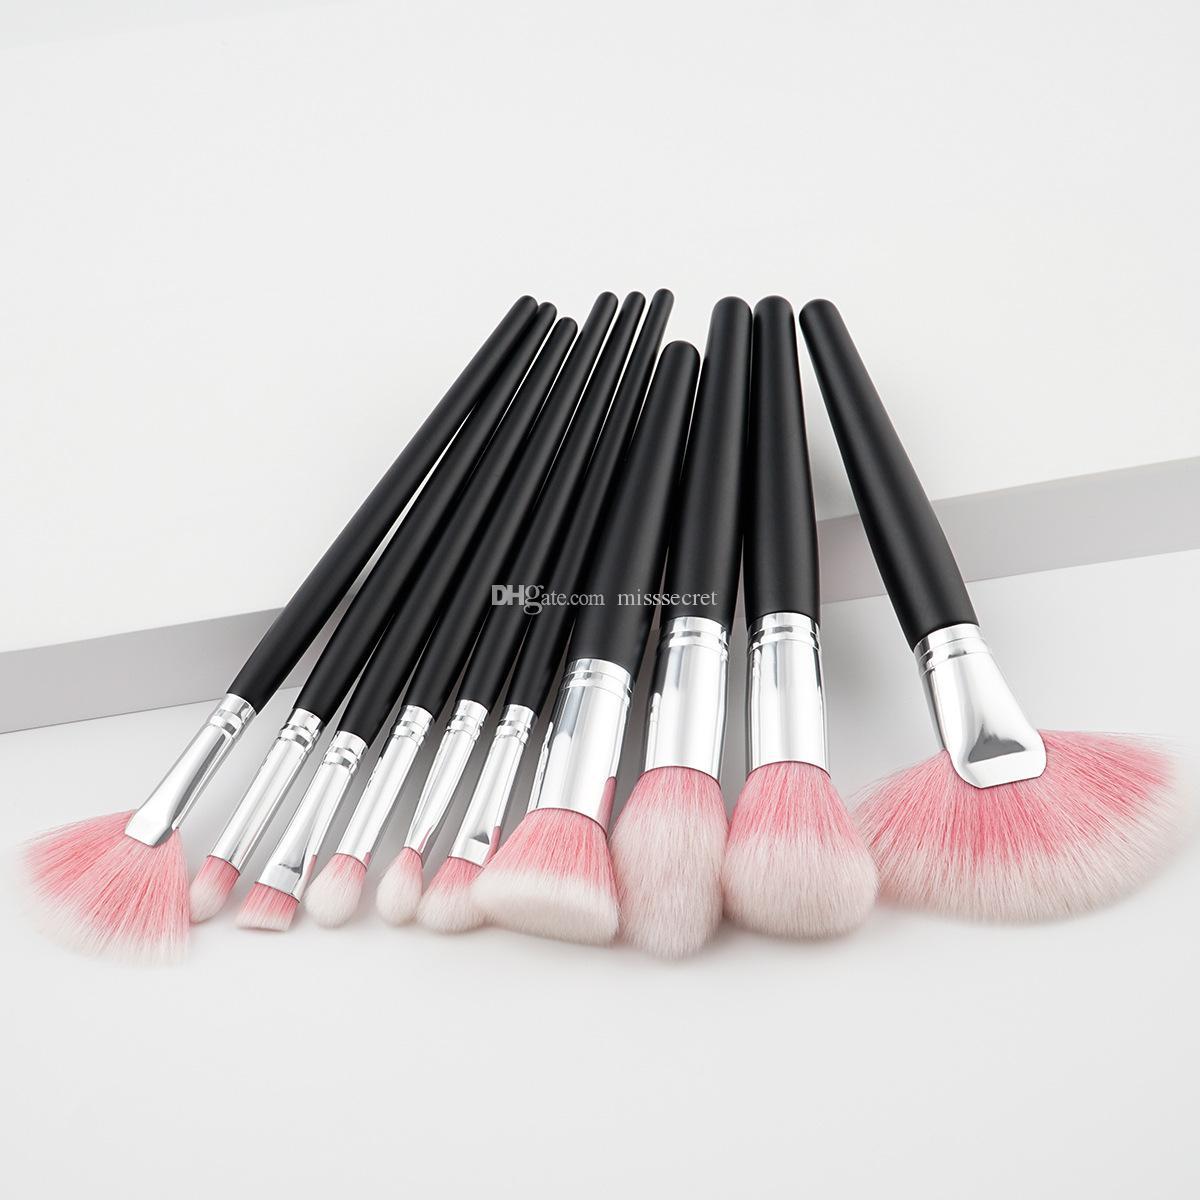 New Kabuki Brush Set Professional Makeup Brushes Tools Sets Make Up Brushes Full Cosmetic Brush Eyeshadow Lip Face Powder Brush Kit